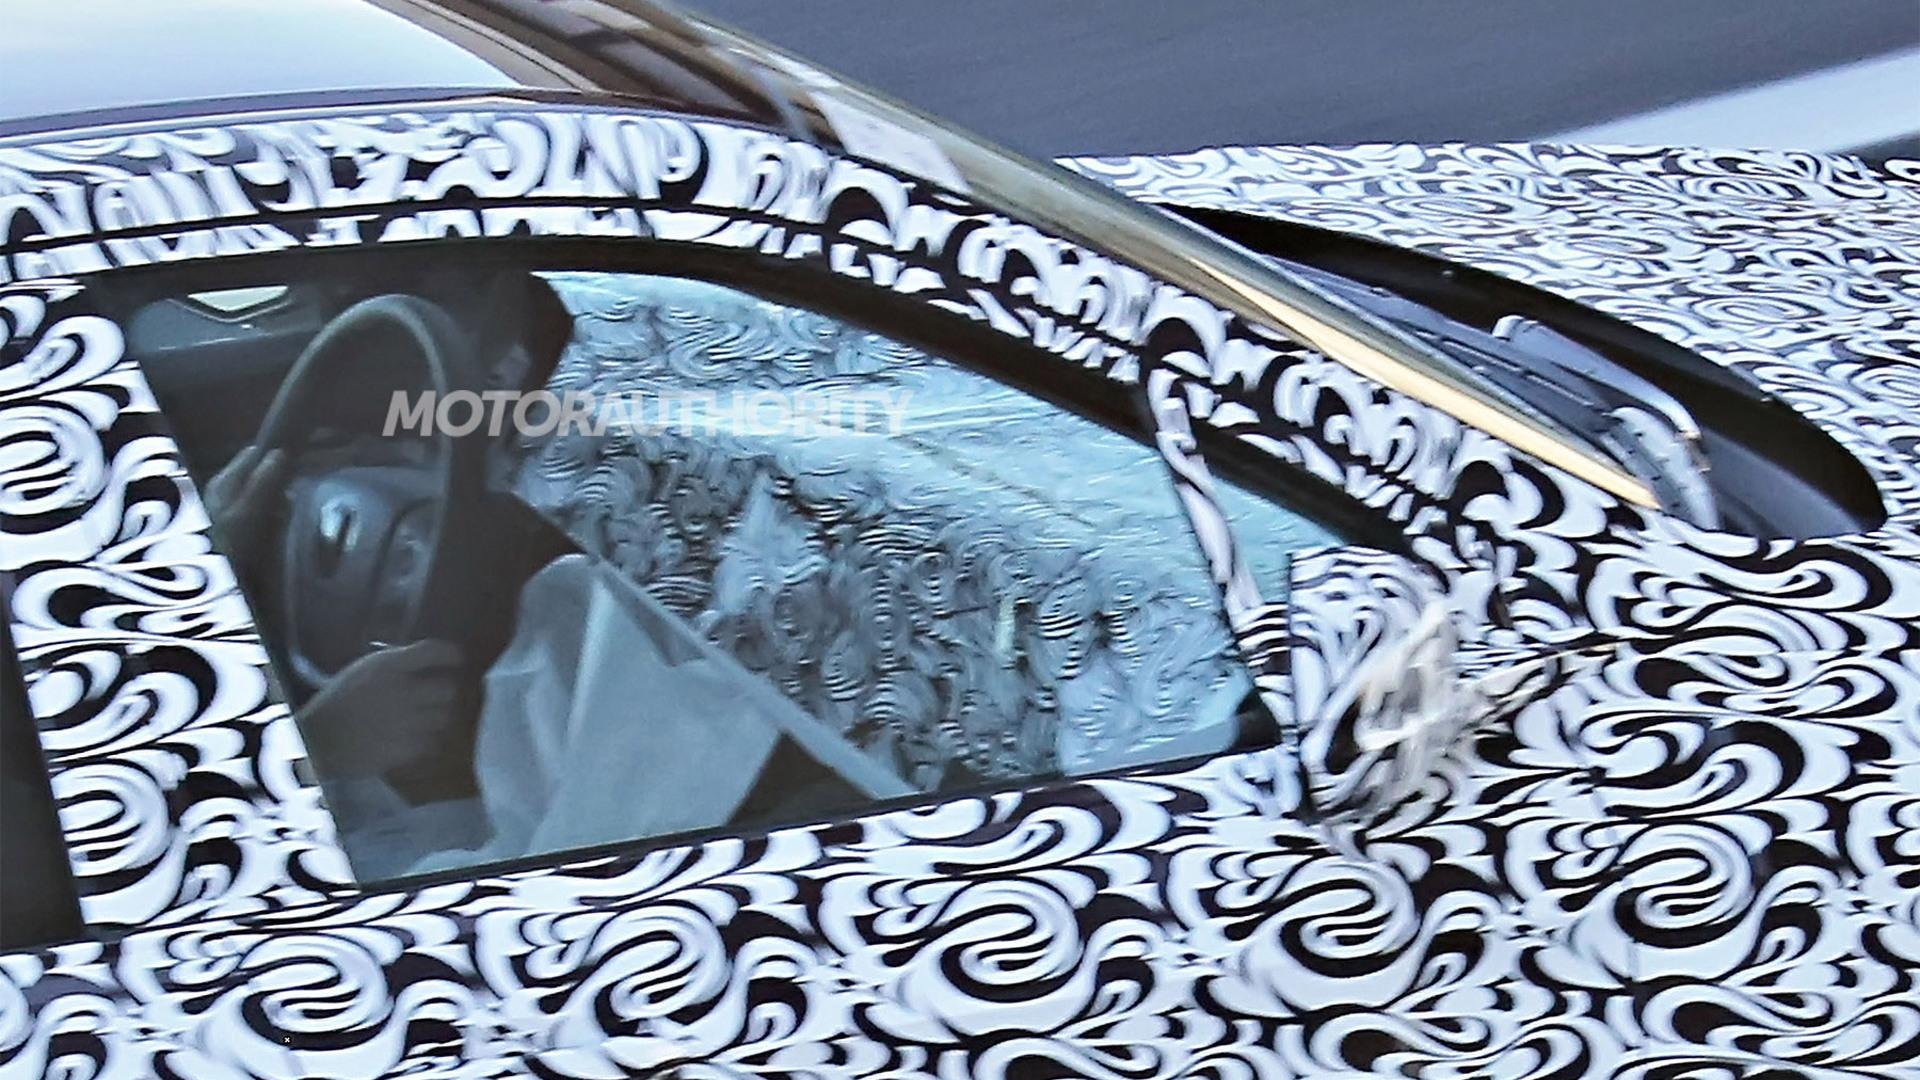 2017 Honda Ridgeline spy shots - Image via S. Baldauf/SB-Medien